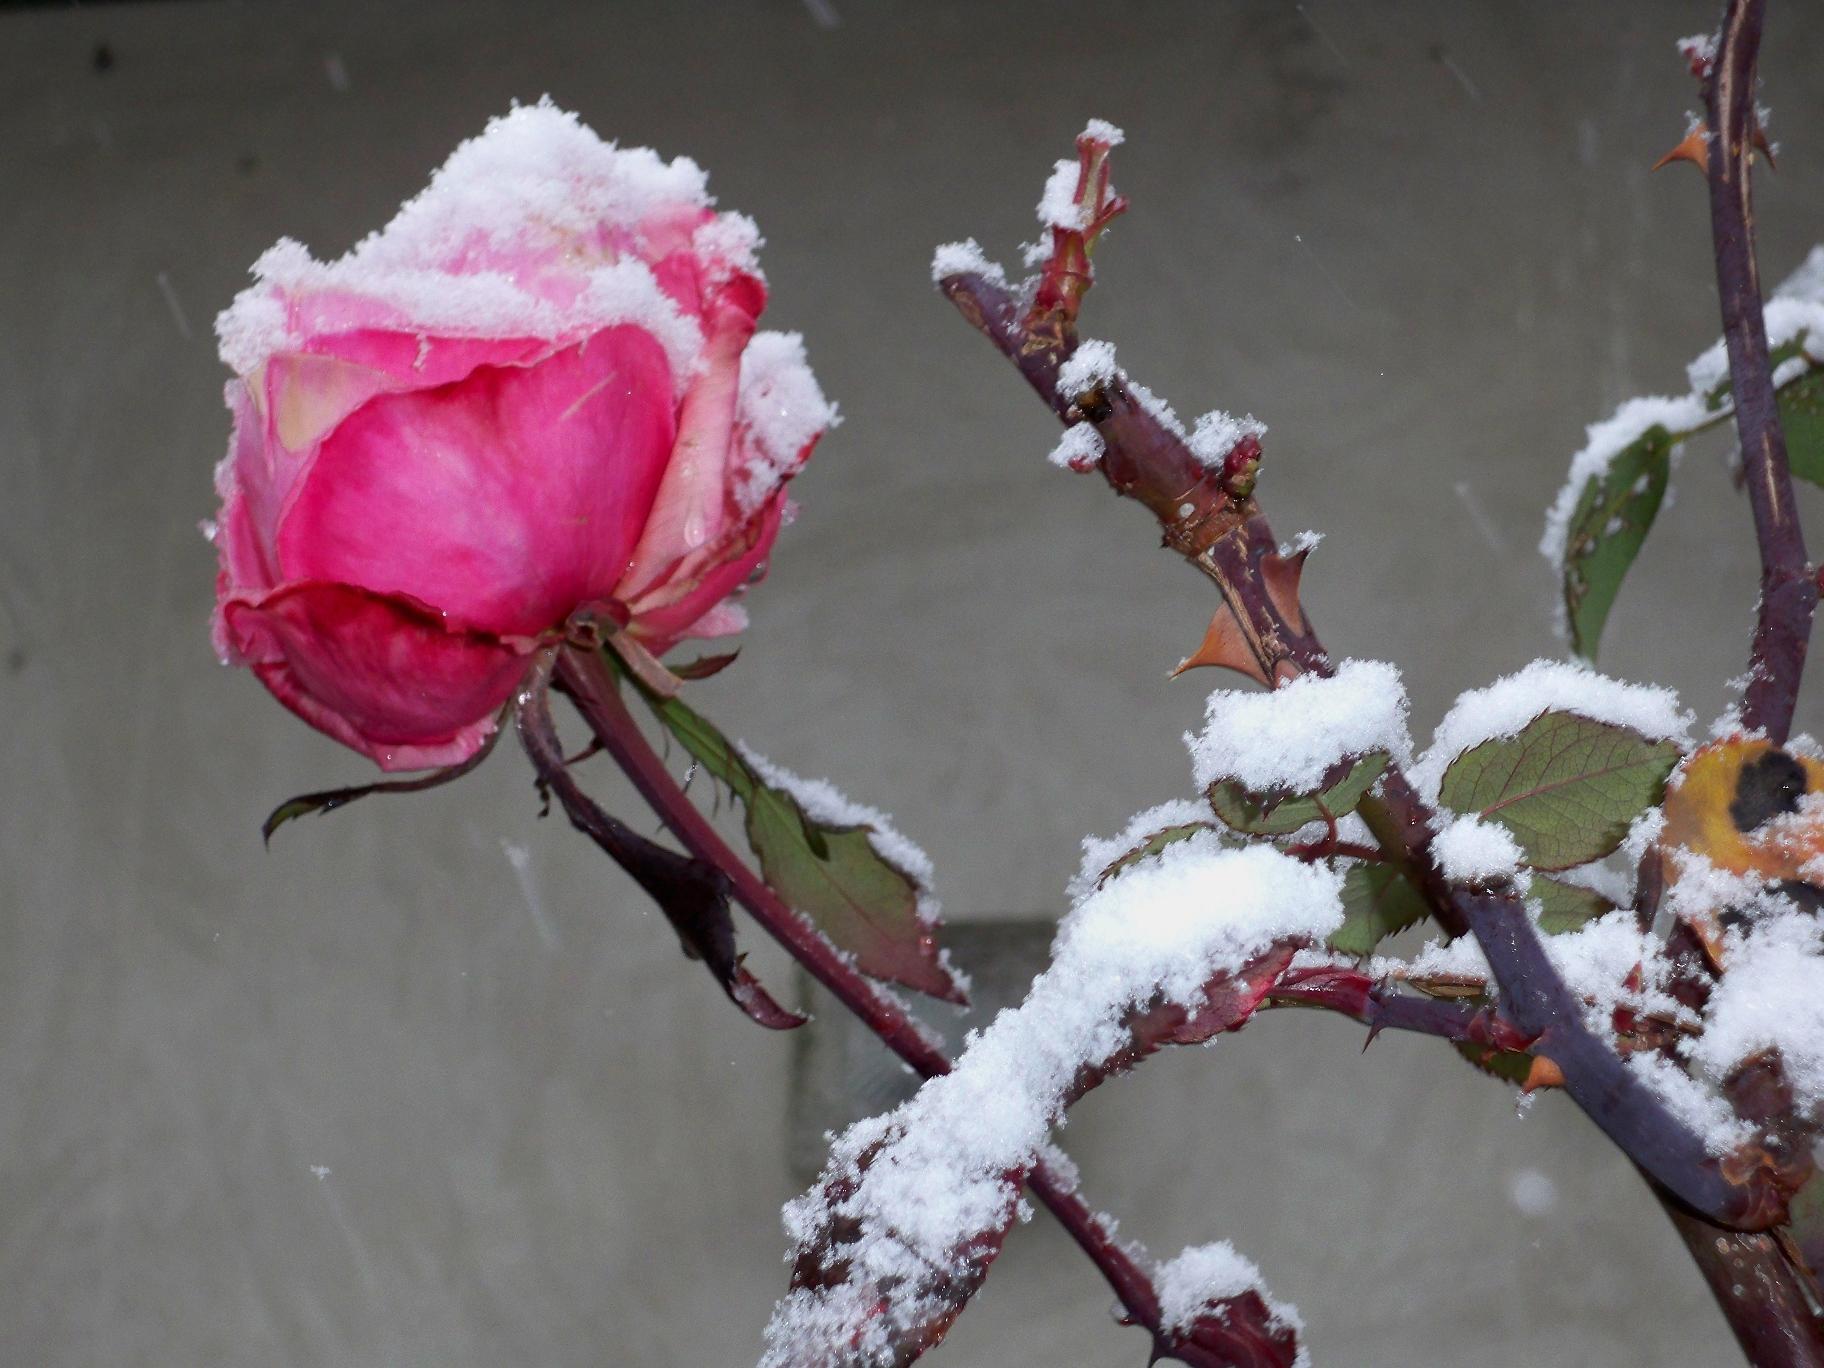 Neve a San Benedetto, 4 febbraio 2012 foto di Carlos 5